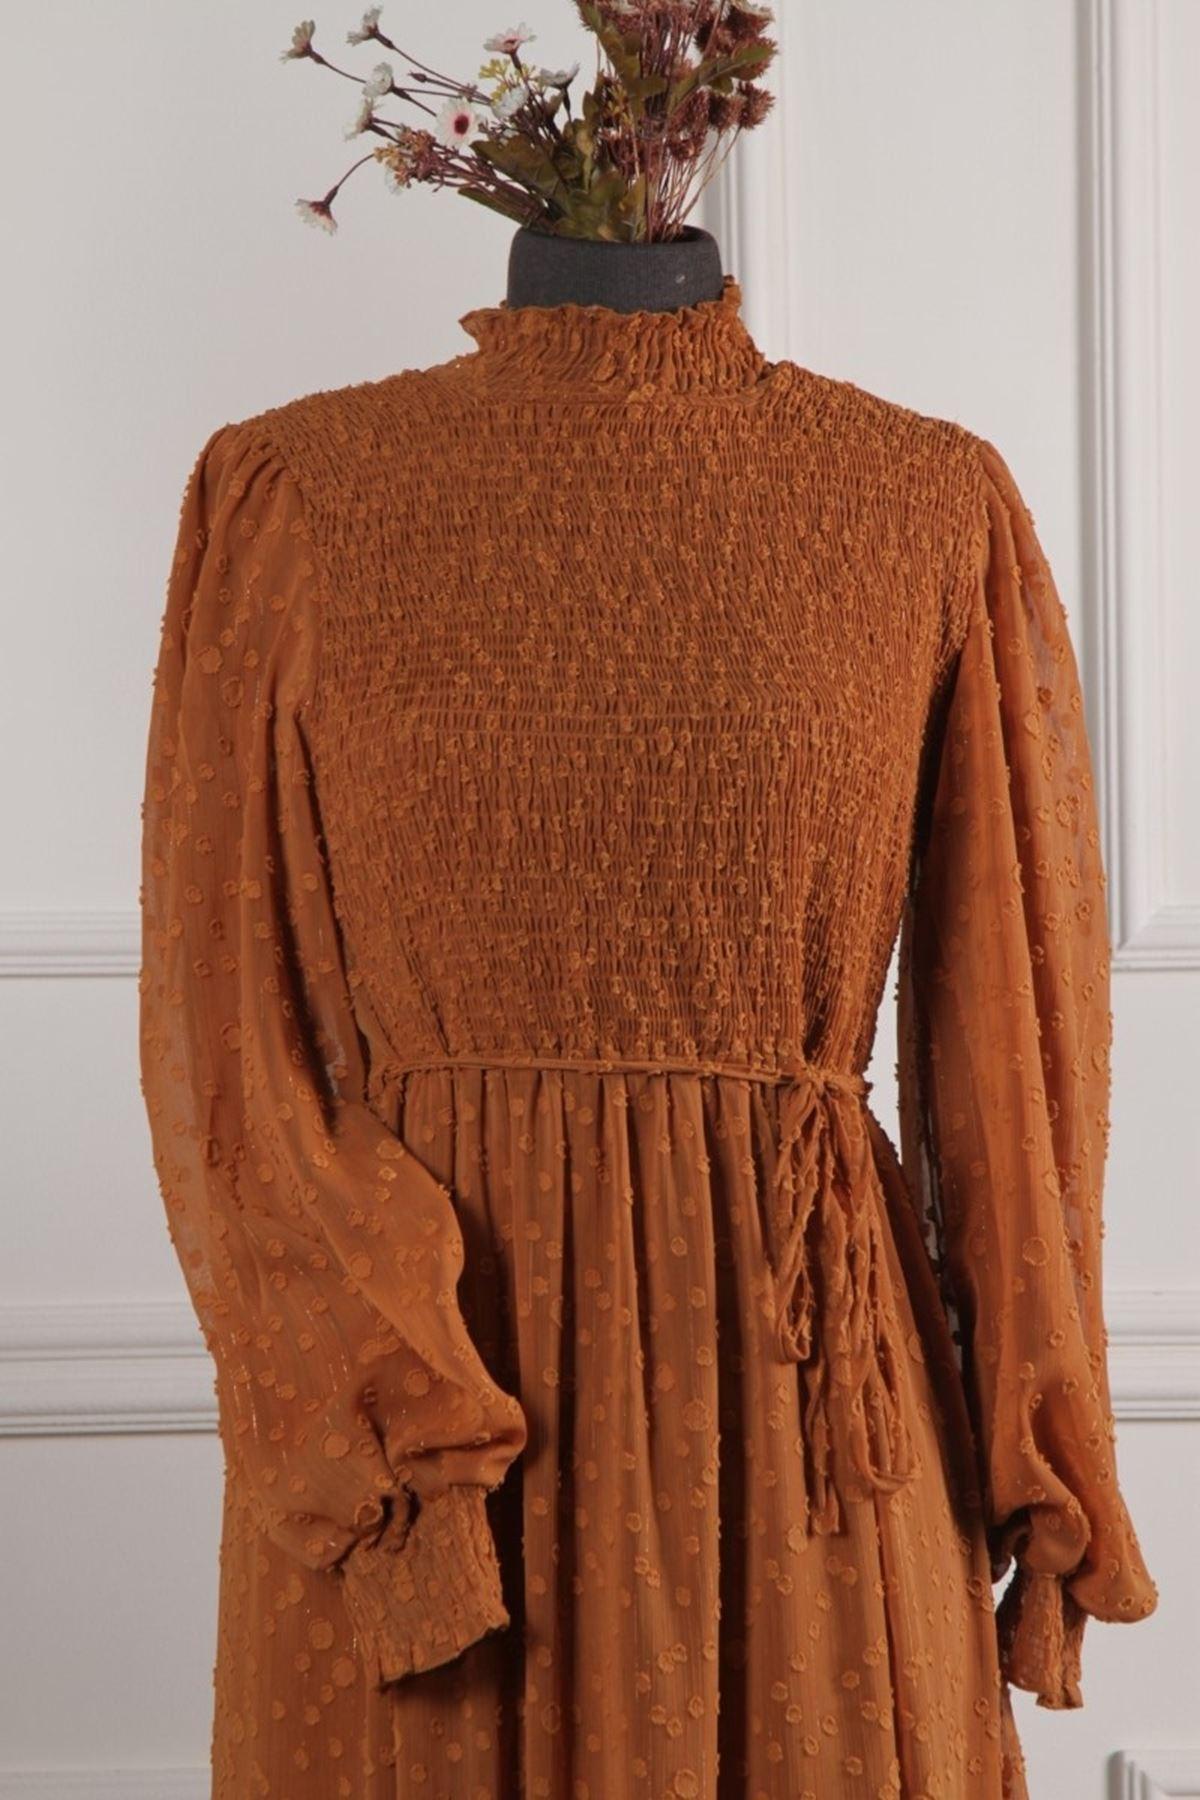 Kadın Kol Büzgülü İşleme Elbise - Kiremit